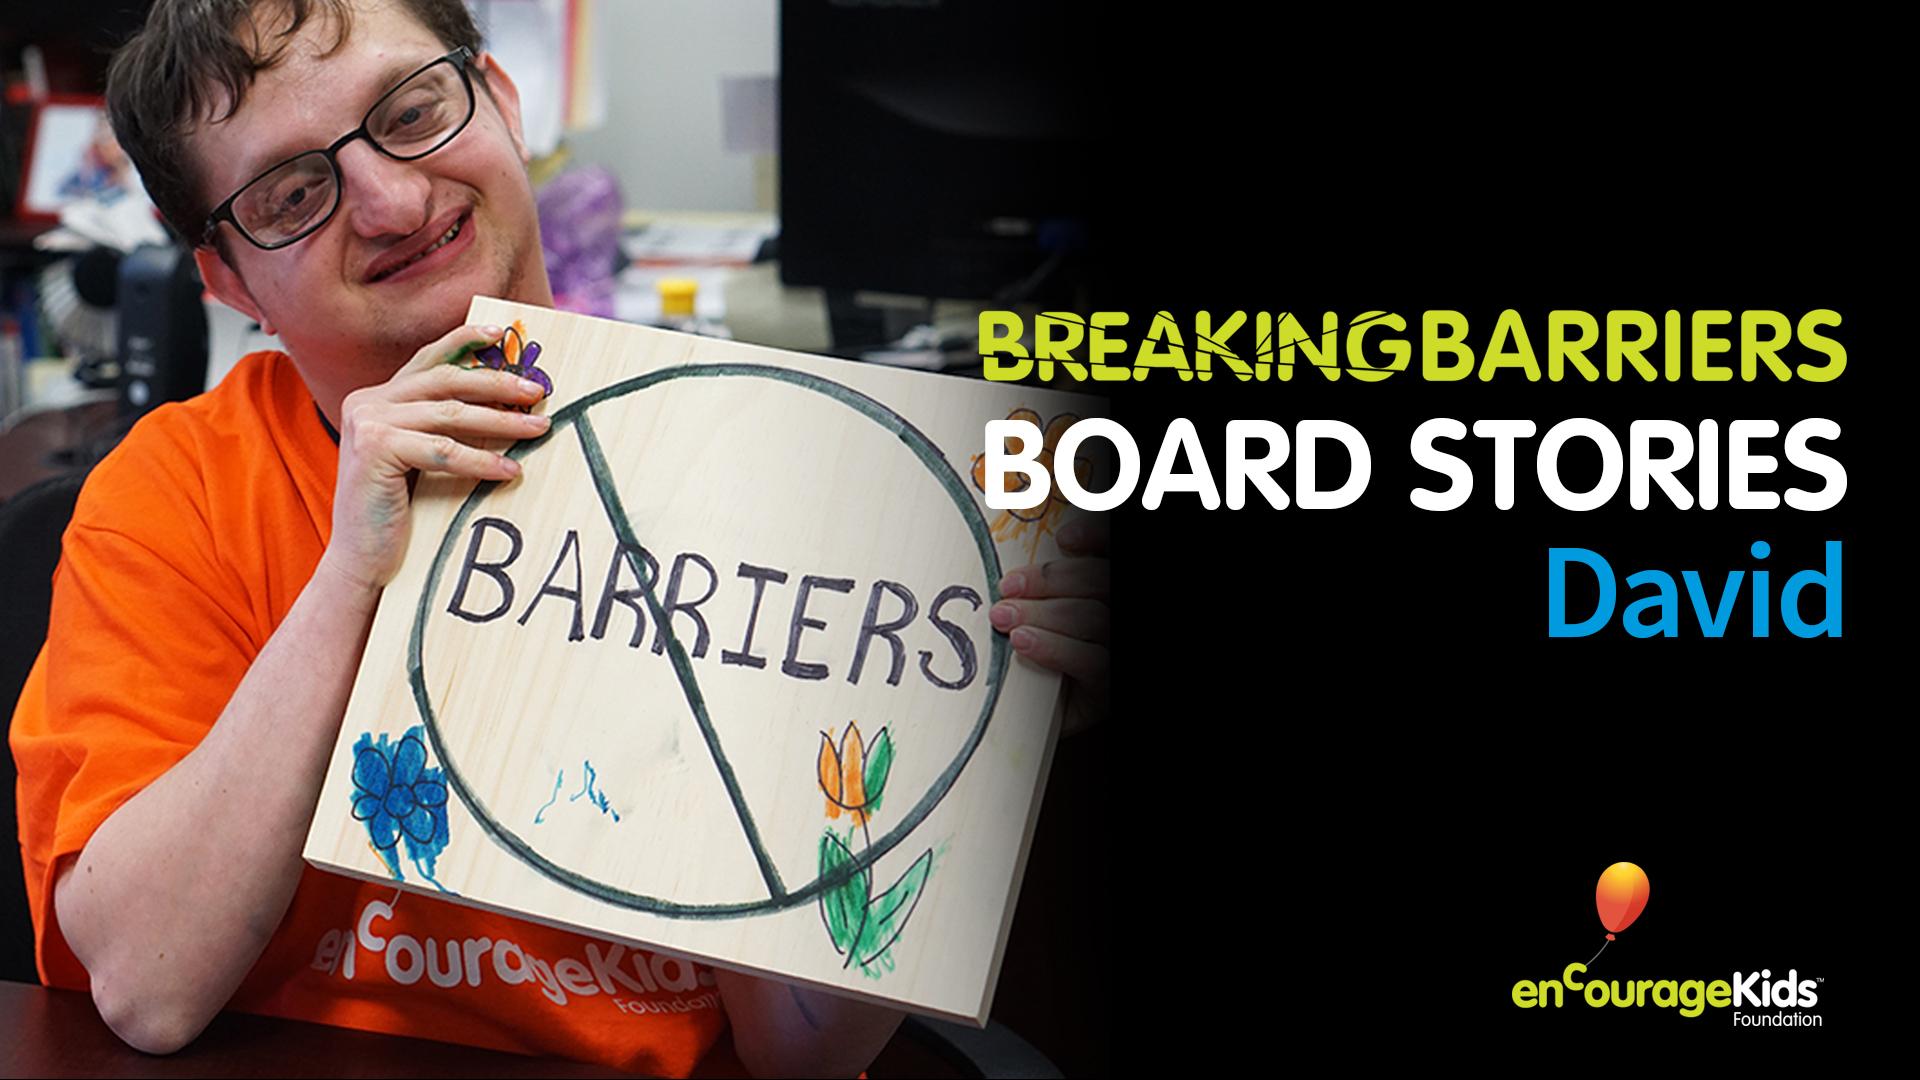 Board Story David – Breaking Barriers